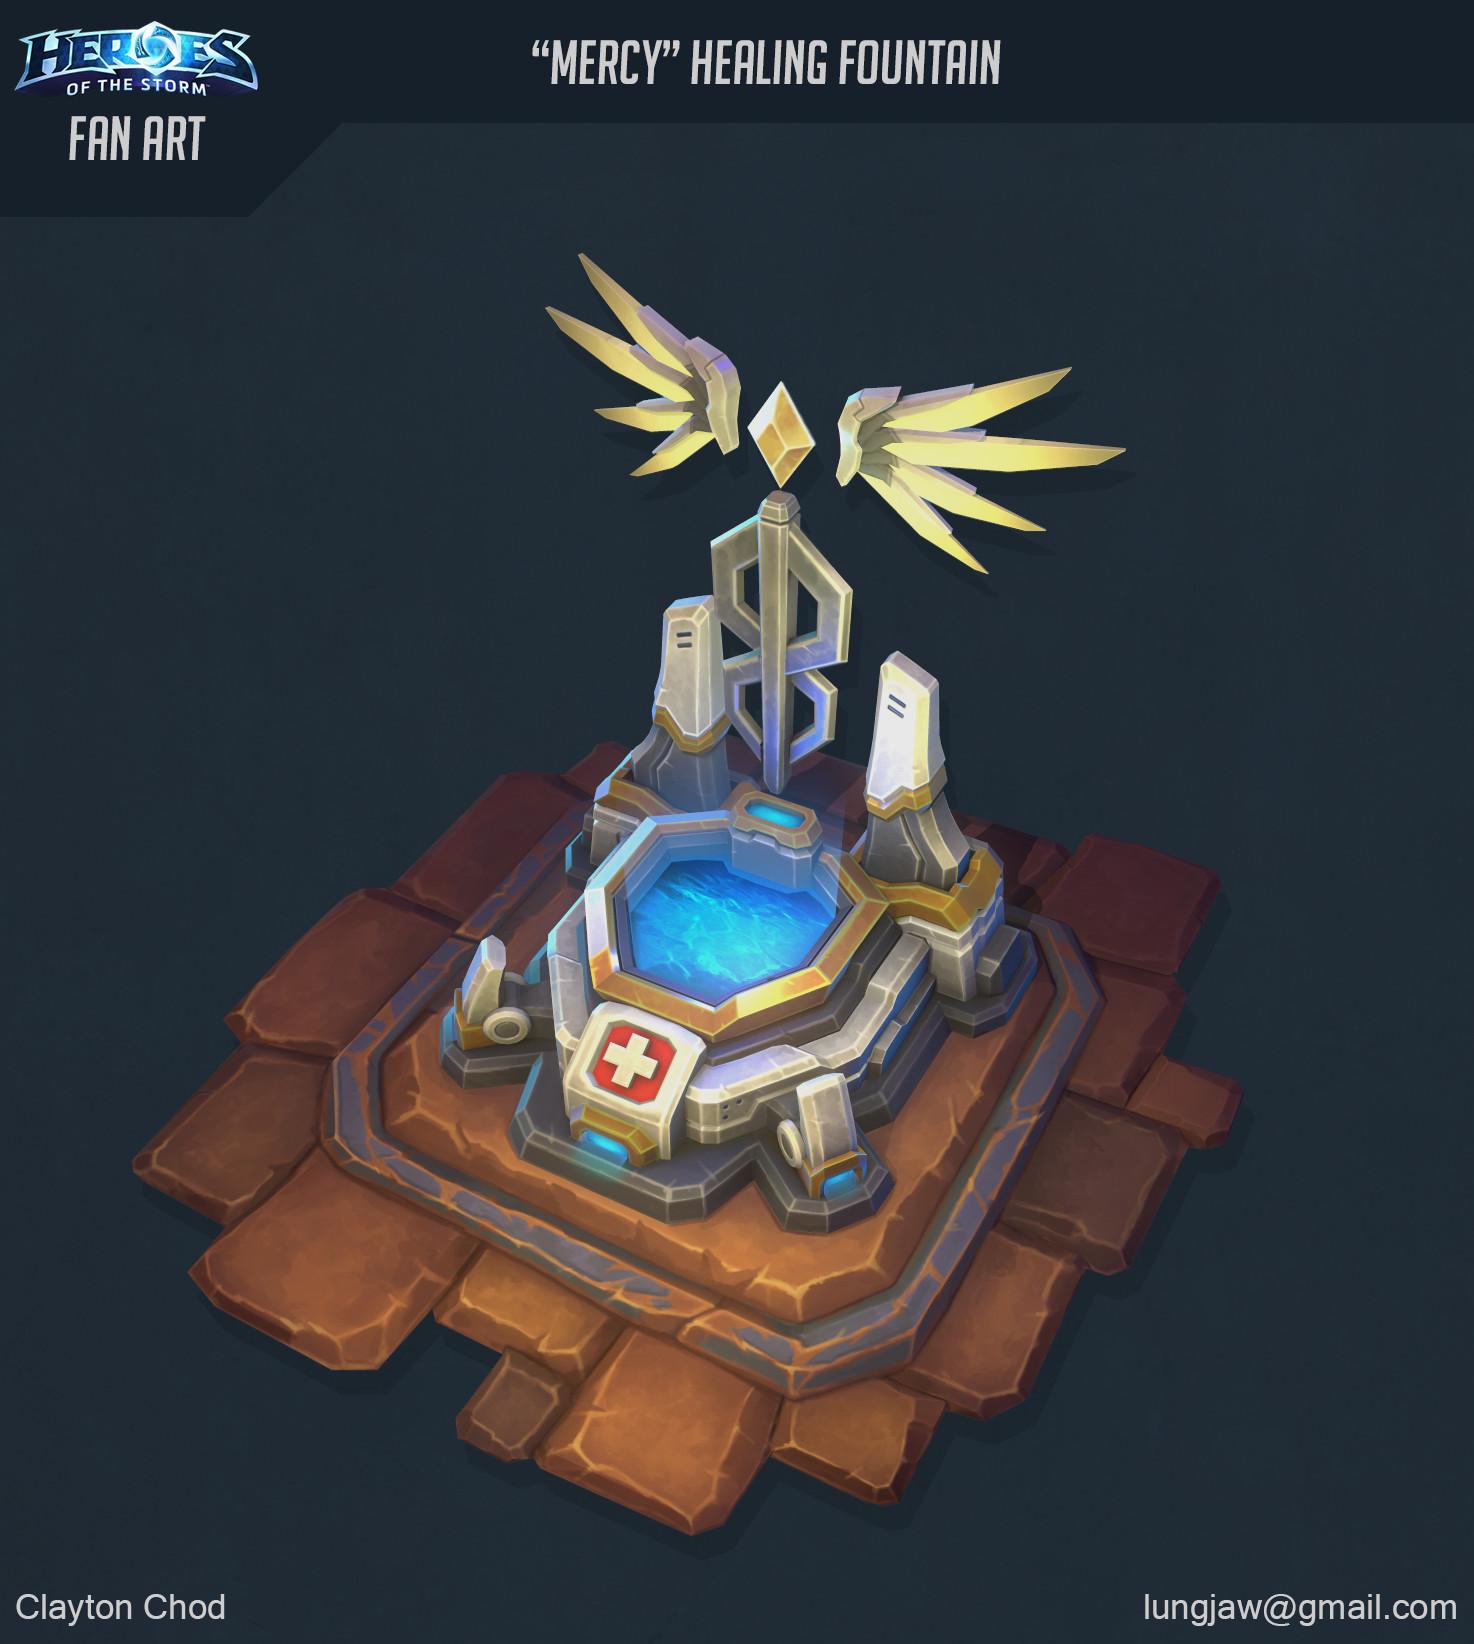 ArtStation - Mercy Healing Fountain: Overwatch + HotS Fan